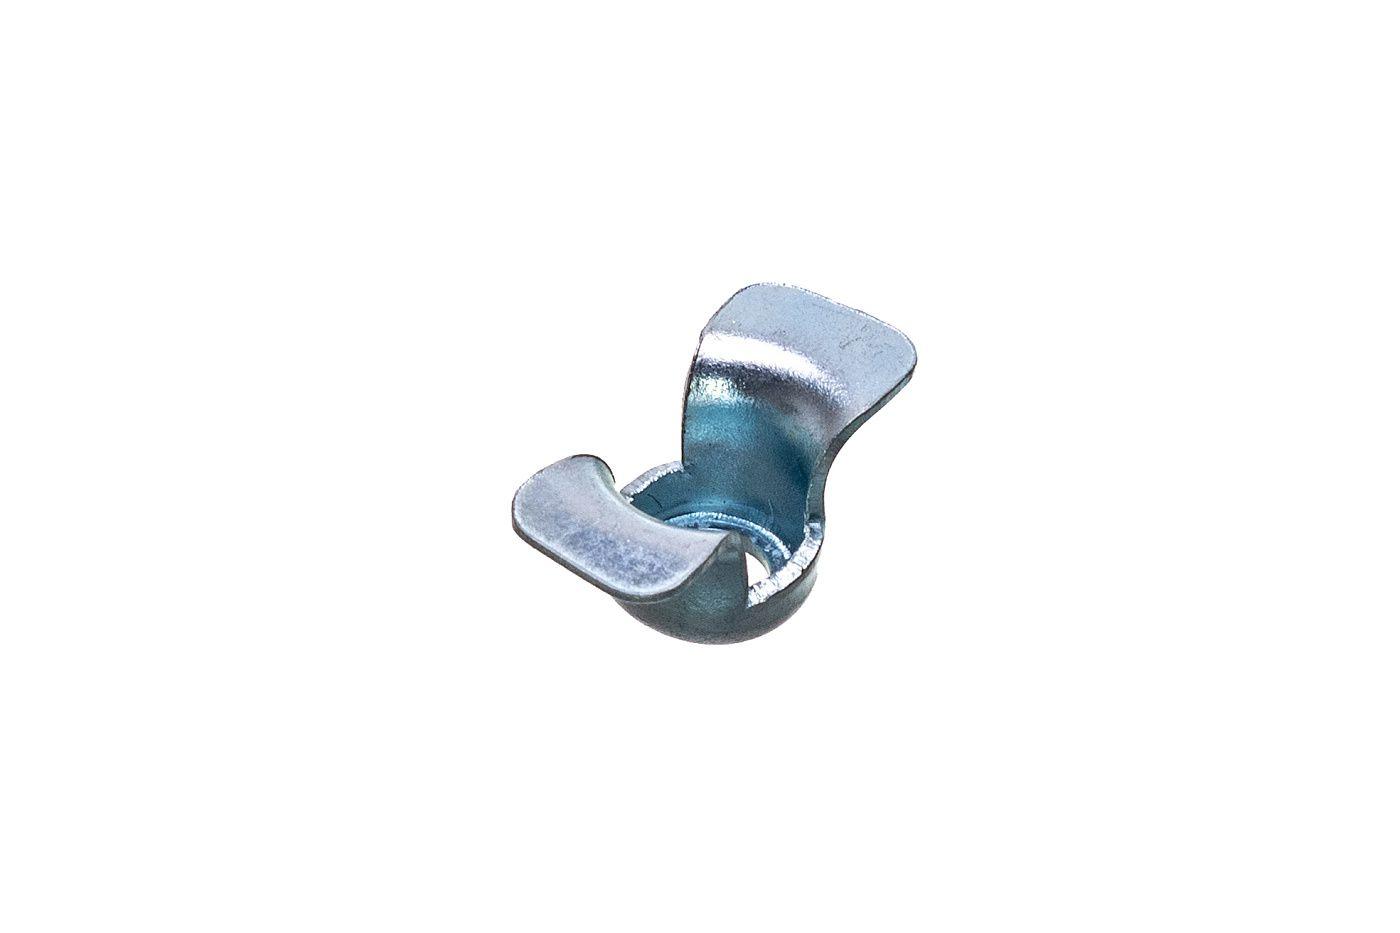 Podložka skrutky silenbloku Stihl MS380 MS381 BR320 SR400 038 028 026 (1121 791 1200)